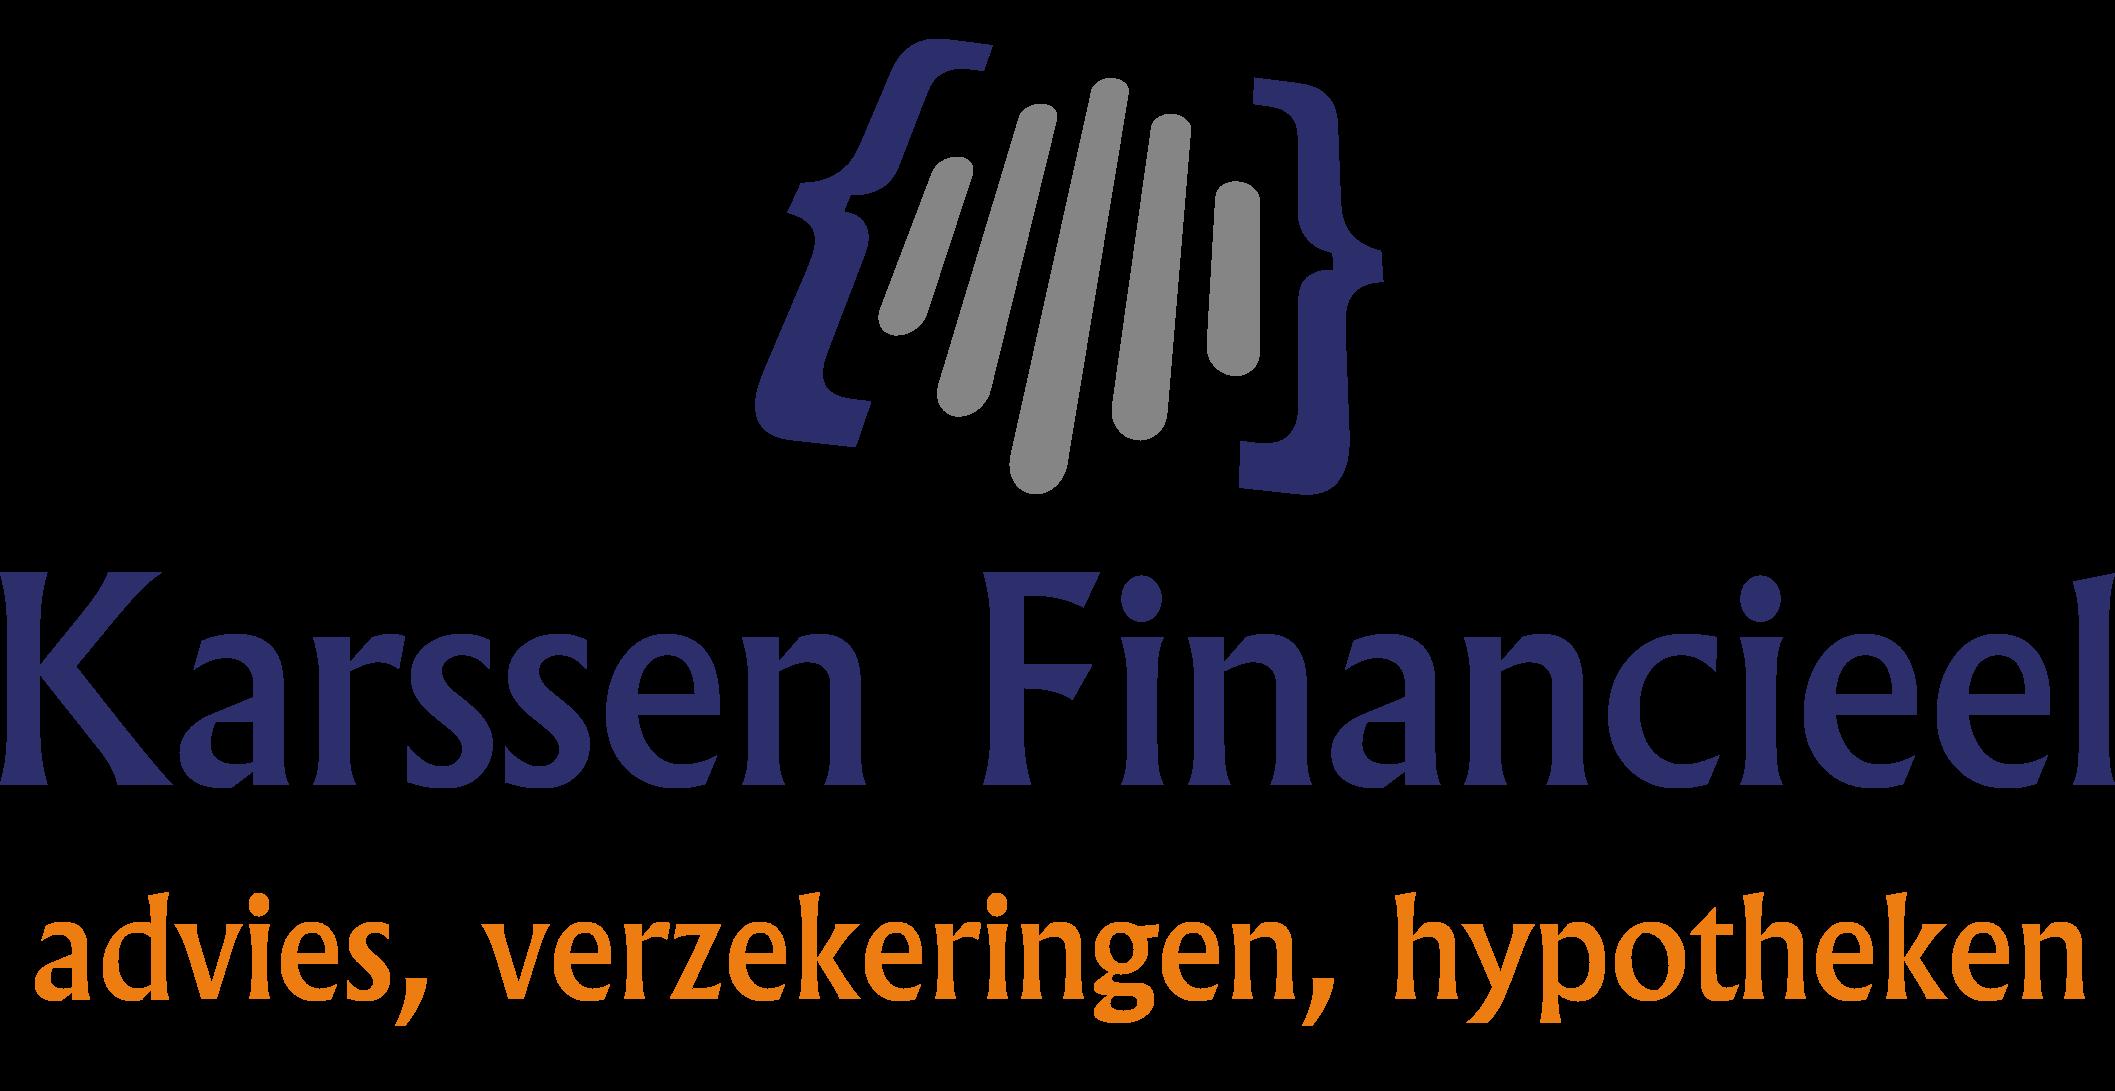 Logo Karssen Financieel.png